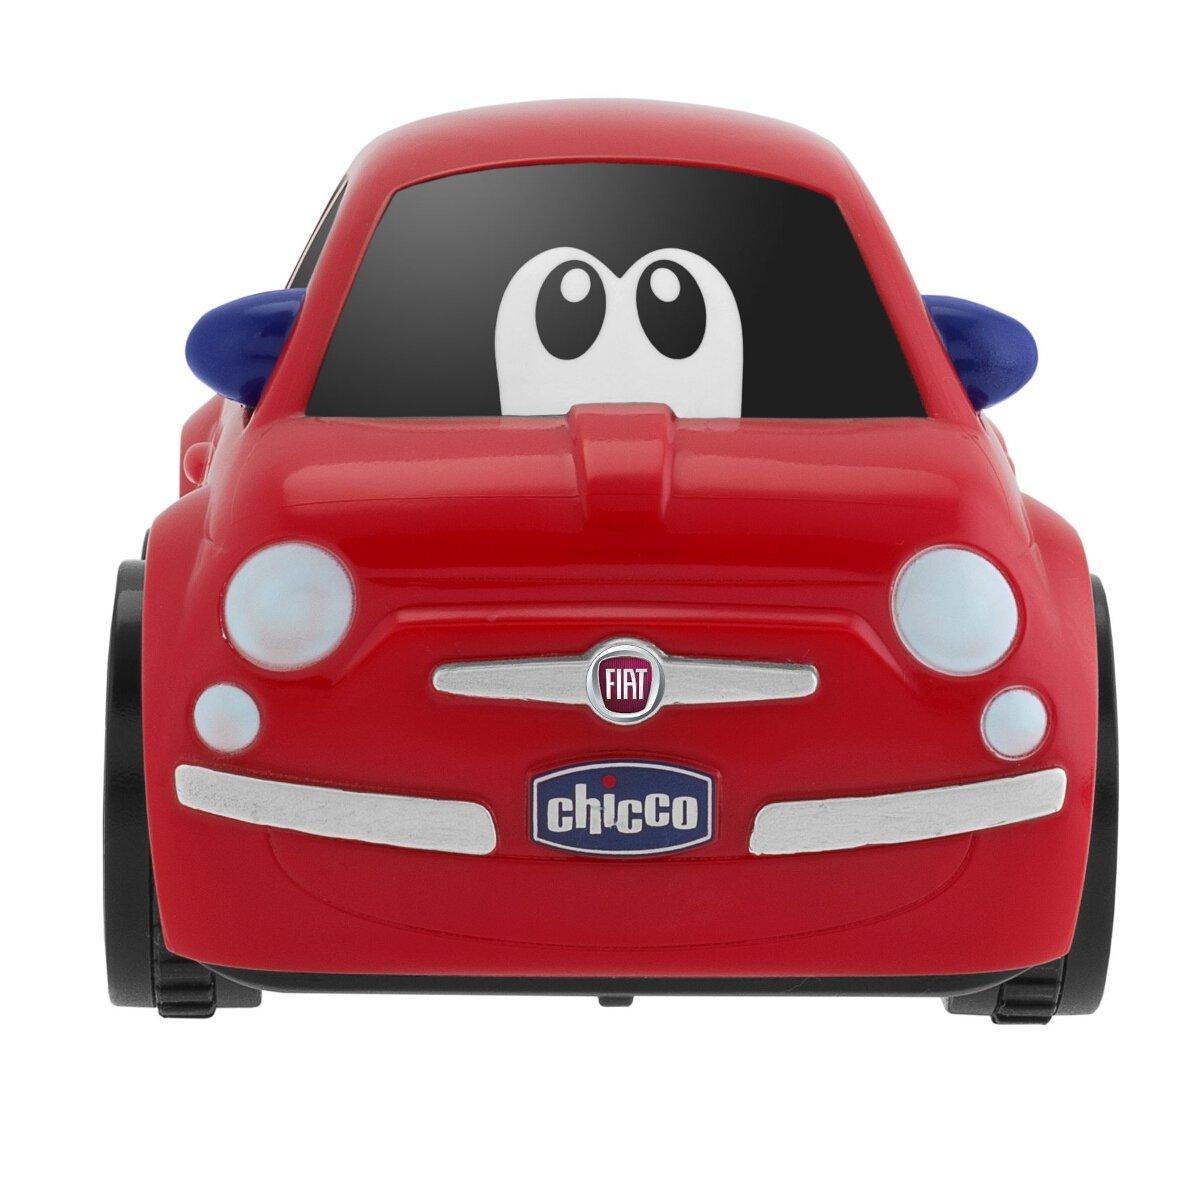 Chicco Fiat 500 Turbo Touch, alcanza hasta los 10 Metros, Color Rojo: Amazon.es: Juguetes y juegos